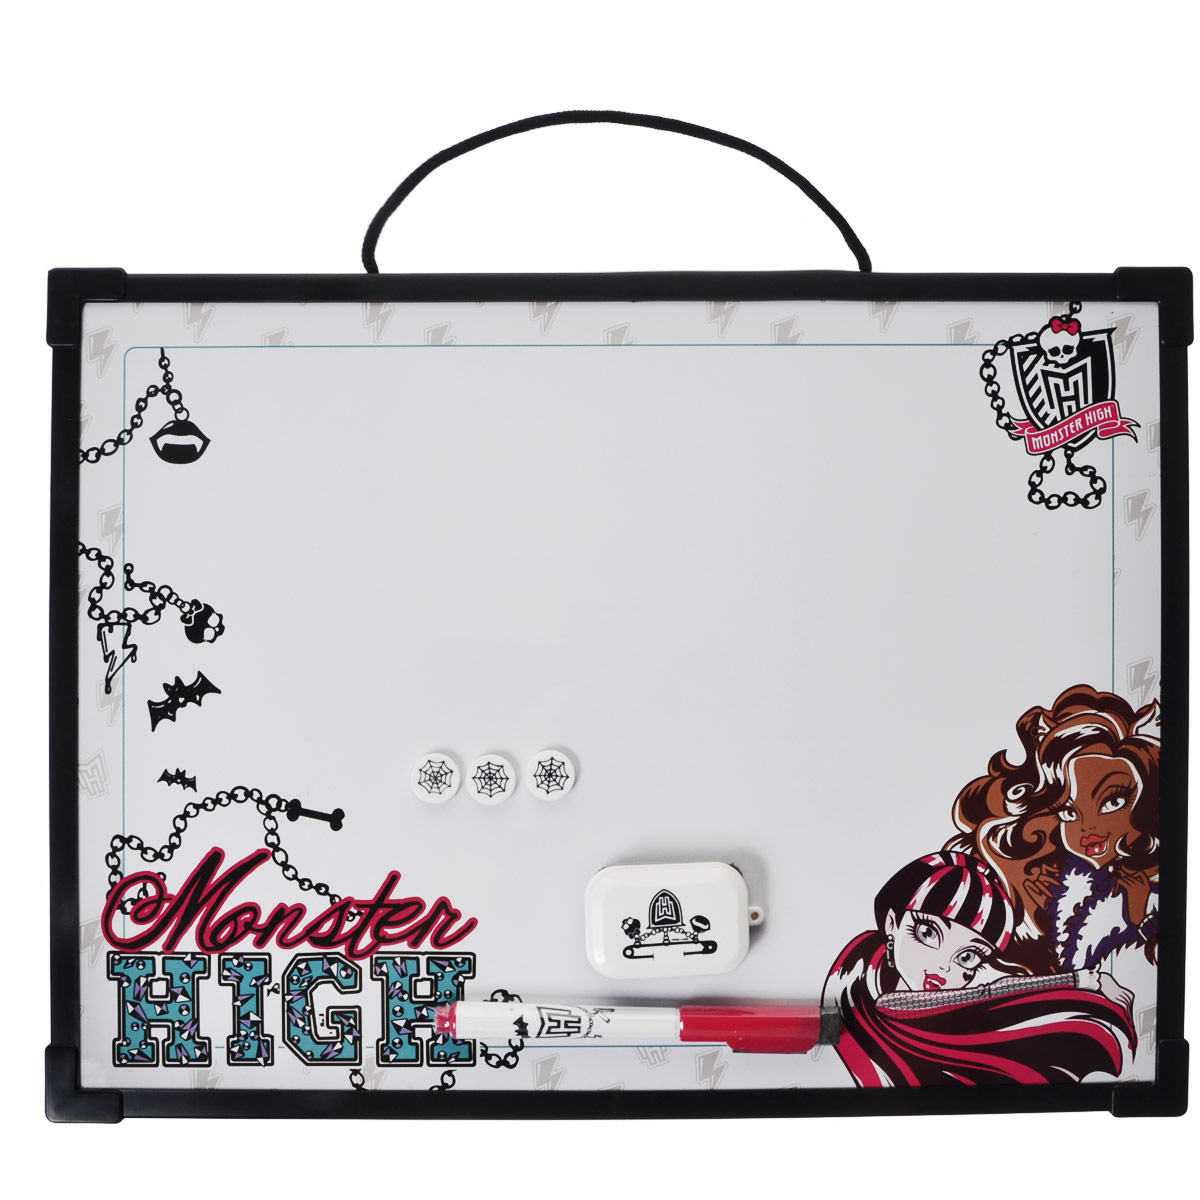 Доска магнитно-маркерная Monster High, цвет: черный, с аксессуарамиFS-00103Магнитно-маркерная доска Monster High - прекрасный способ для развития творческих и мыслительных способностей ребенка.Края доски обрамлены пластиком, который защищает ее от повреждений. В комплекте с доской предусмотрены специальный маркер с колпачком-стеркой из фетра, три круглых магнита и специальная губка для стирания записей и рисунков. Доска оформлена изображением персонажей мультсериала Школа Монстров и имеет удобную веревочную петлю для подвешивания. Чернила маркера безопасные и нетоксичные.Магнитно-маркерная доска Monster High отлично подойдет для игр и учебы.